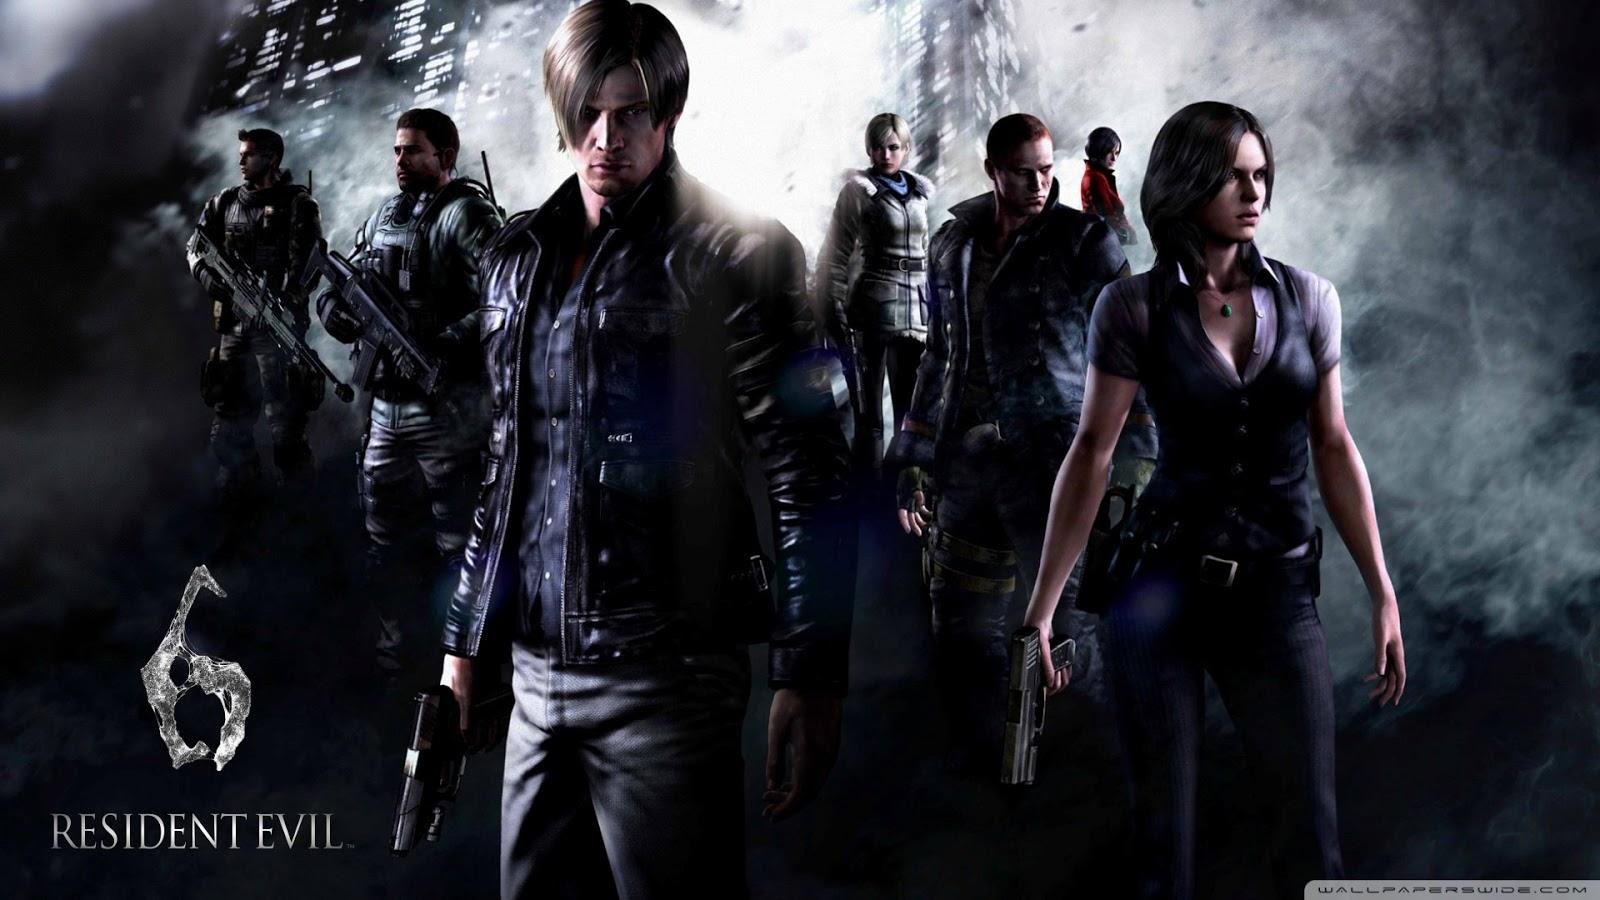 Wallpapers HD: 13 Wallpapers De Resident Evil En HD Y Full